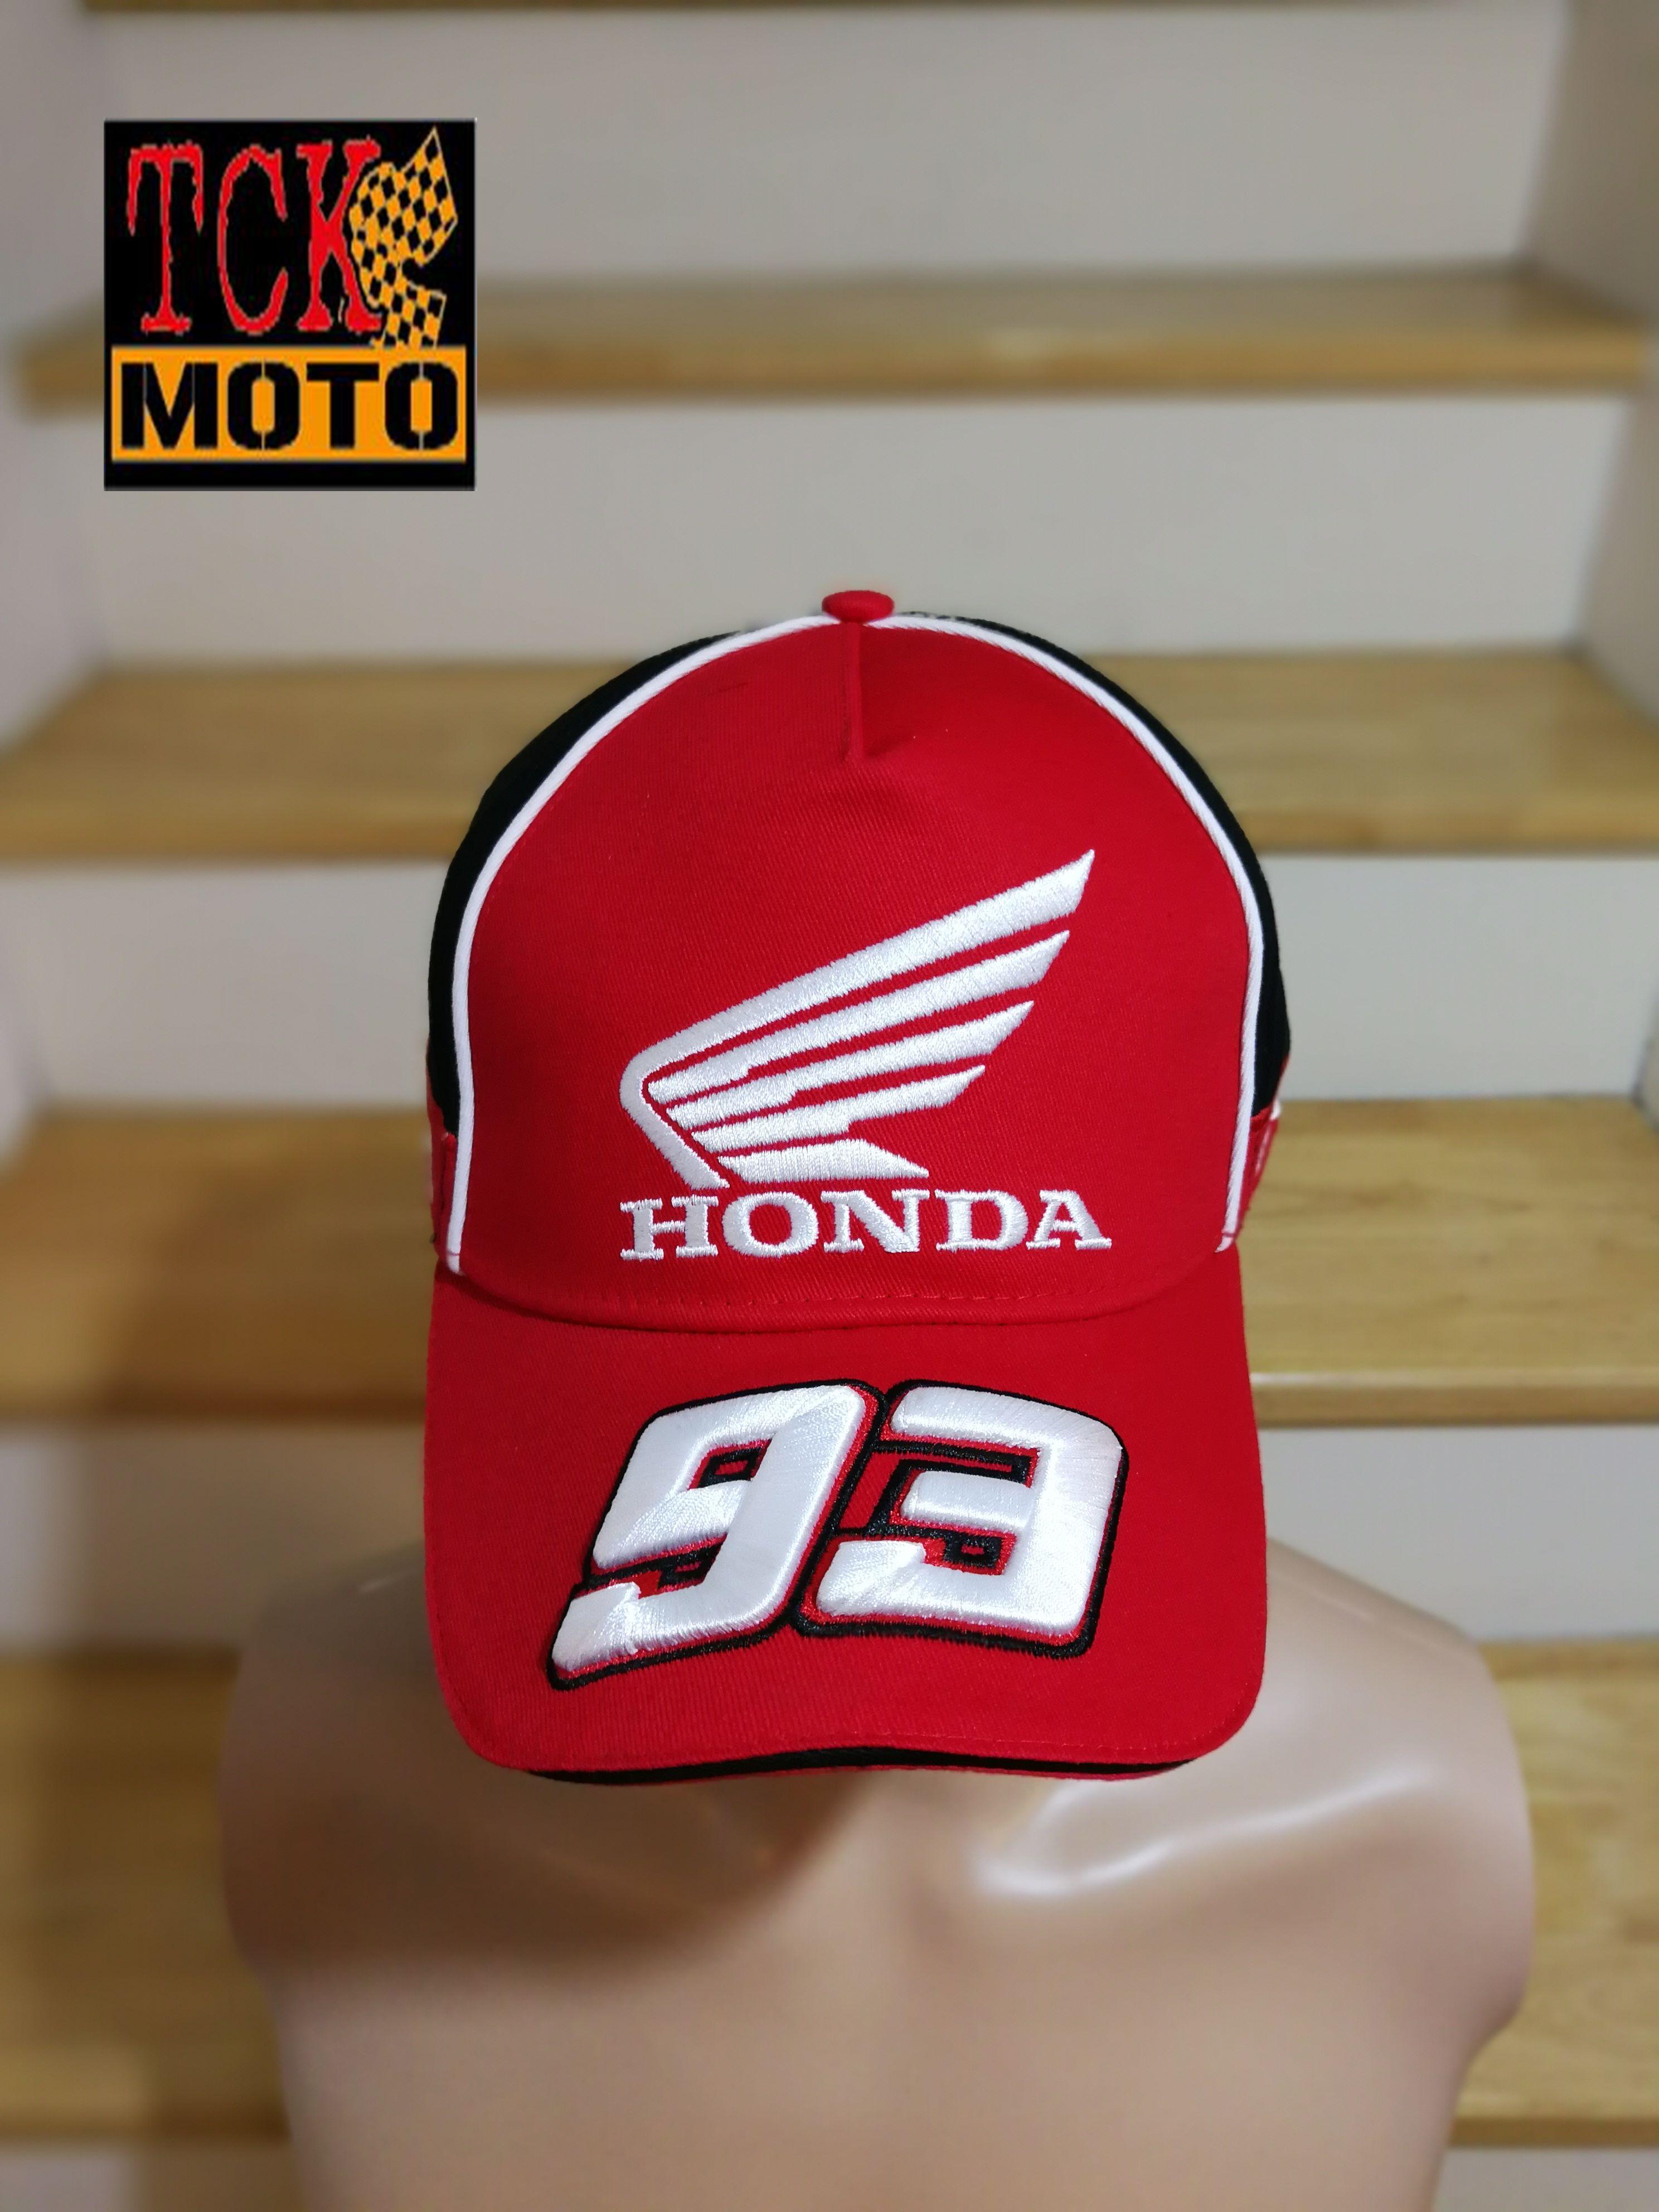 หมวก MotoGp Honda93 red #1